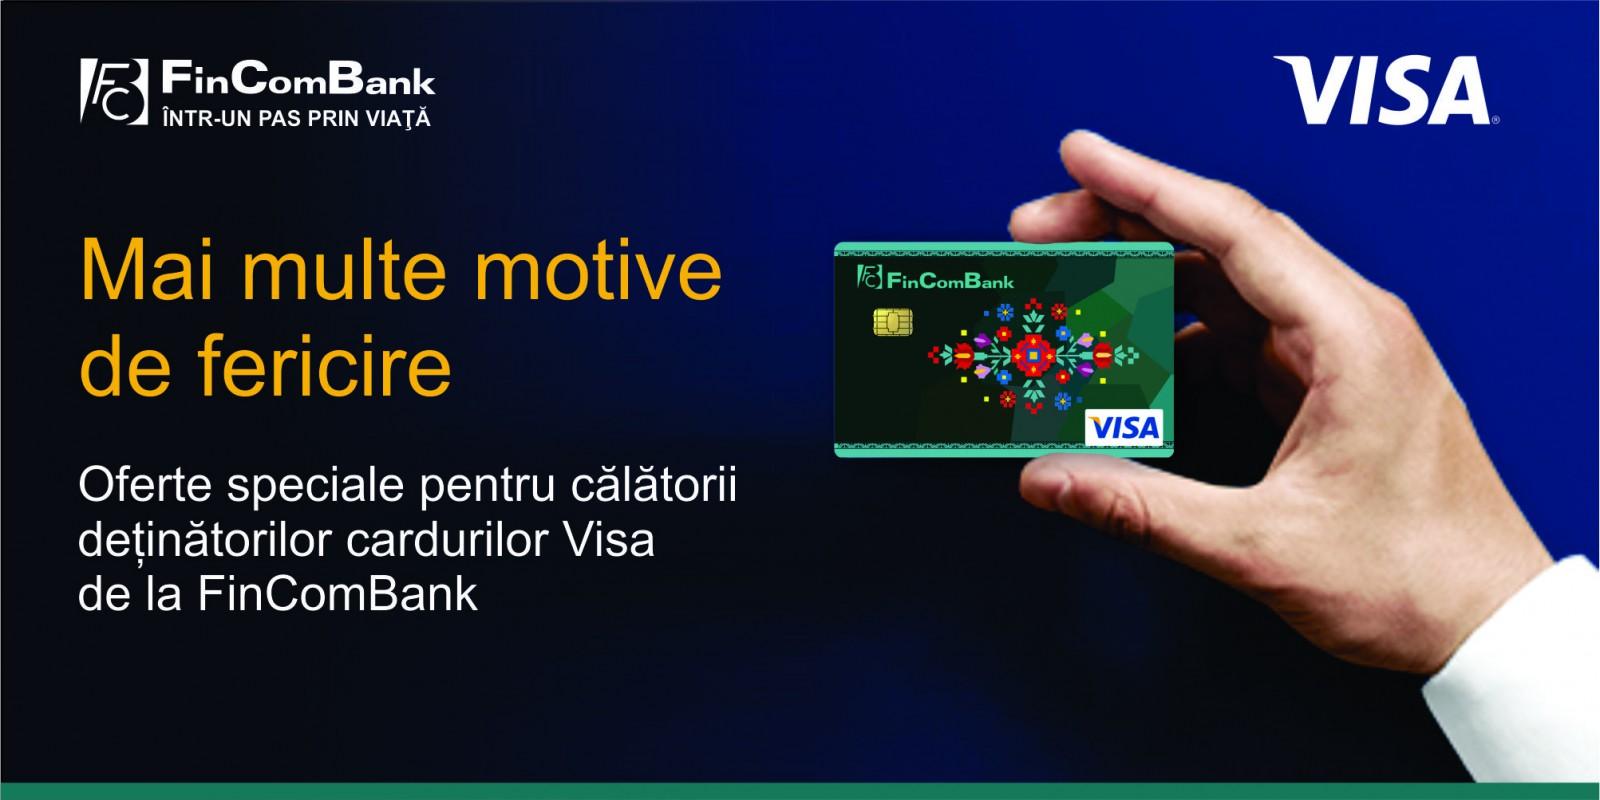 Reduceri la cumpărăturile achitate cu cardul VISA, grație unui program lansat în premieră de FinComBank